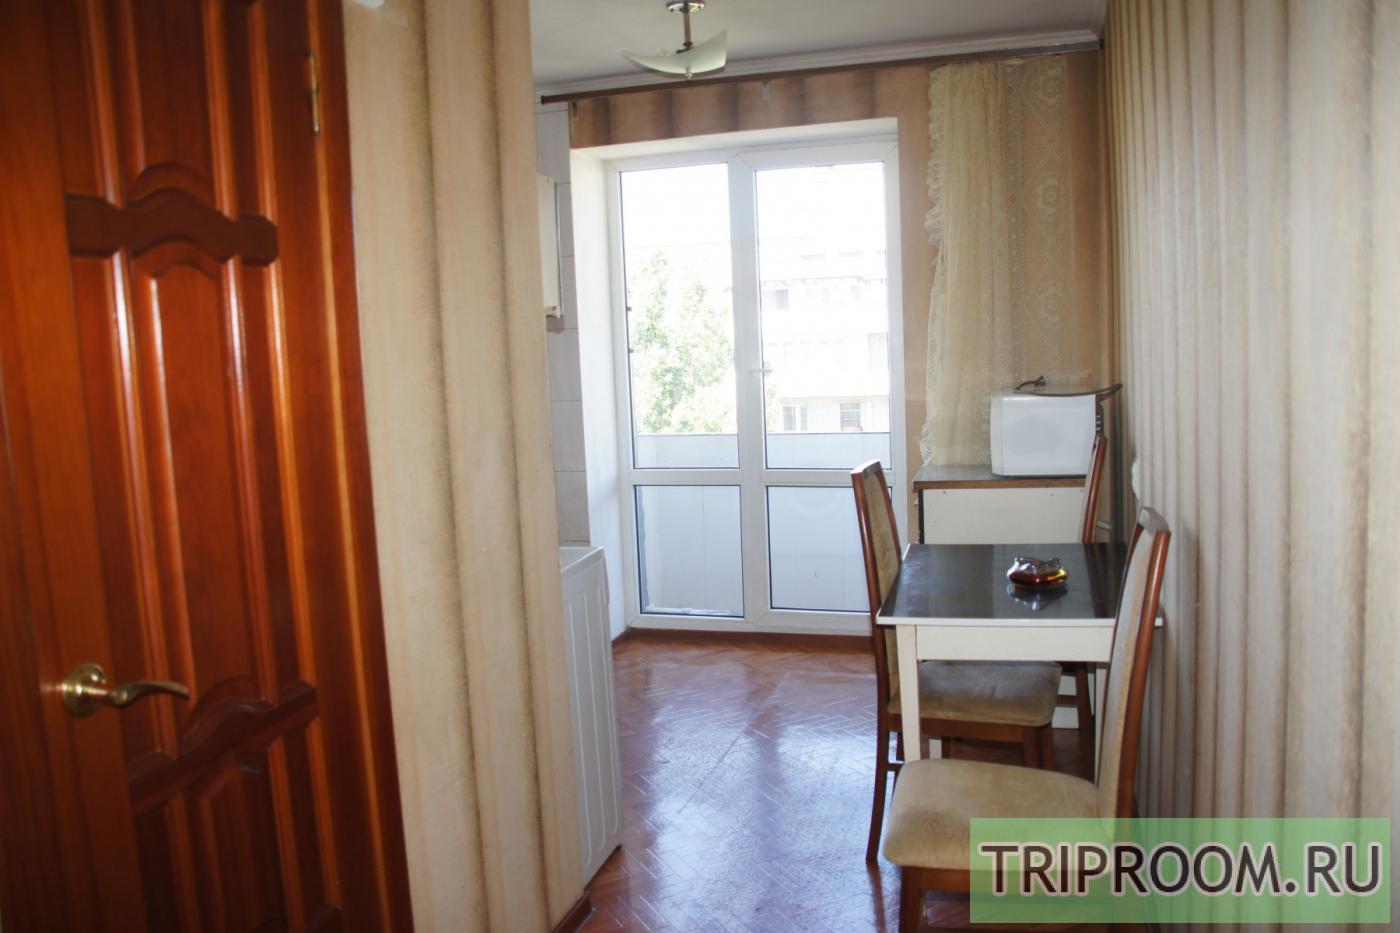 3-комнатная квартира посуточно (вариант № 18694), ул. Рокоссовского улица, фото № 7